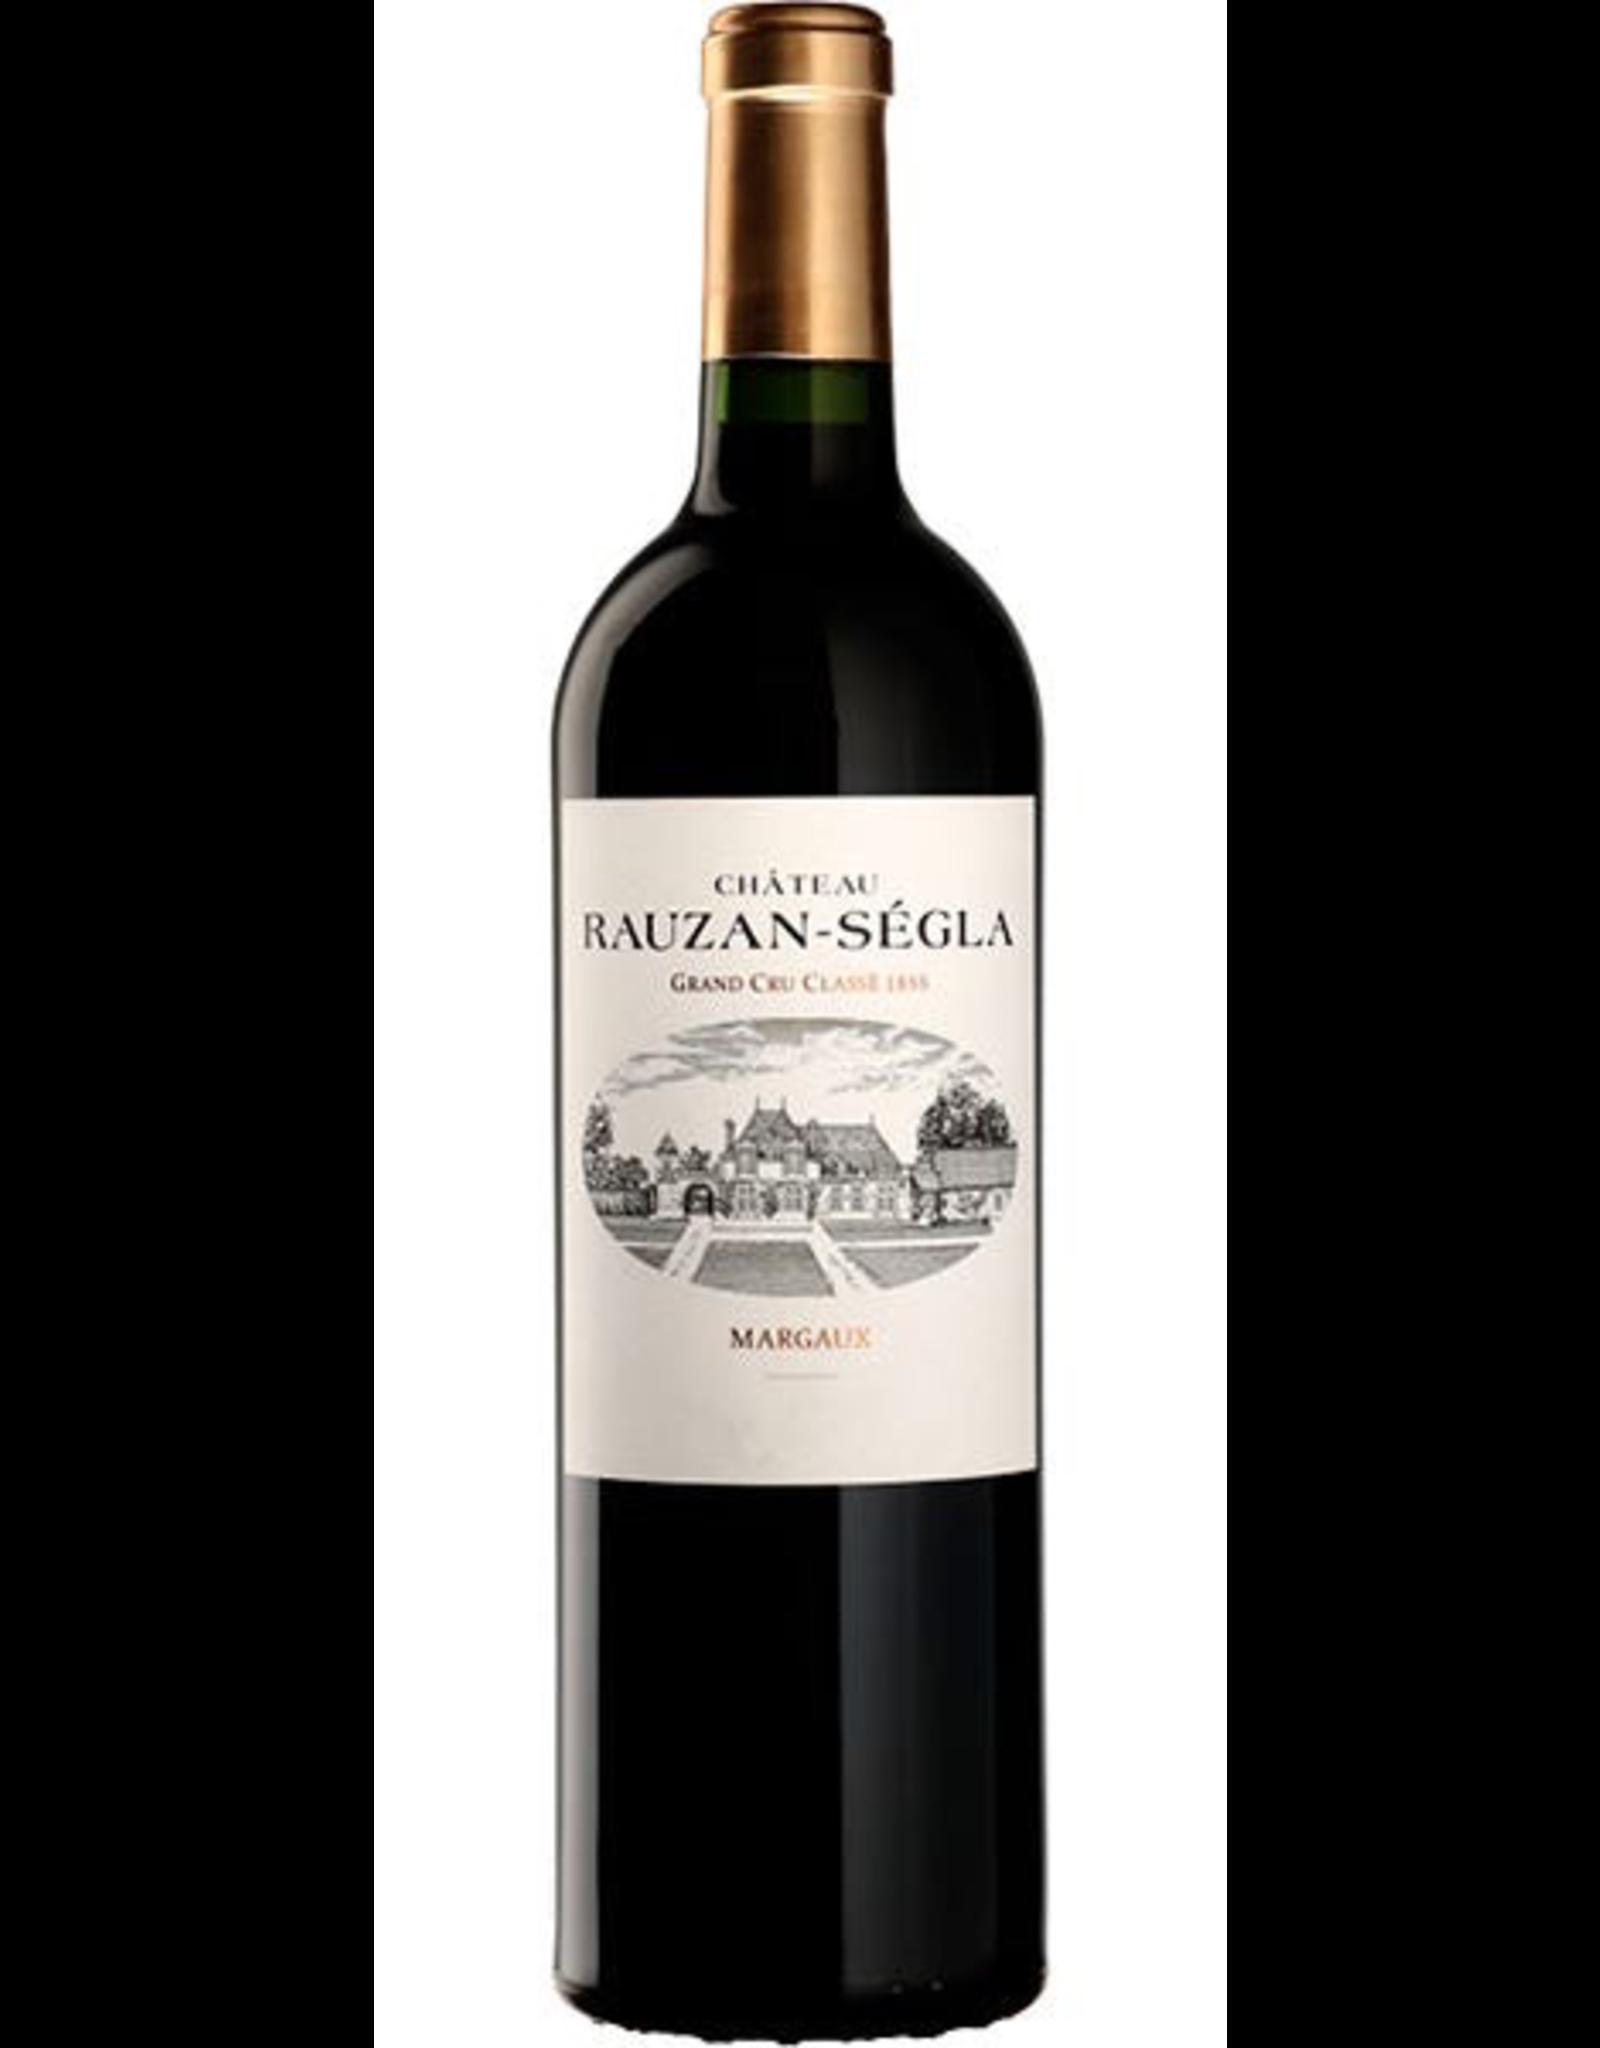 Red Wine 2015, Chateau Rauzan-Segla Crand Cru Classe, Red Bordeaux Blend, Margaux, Bordeaux, France, 14%, CT94.4